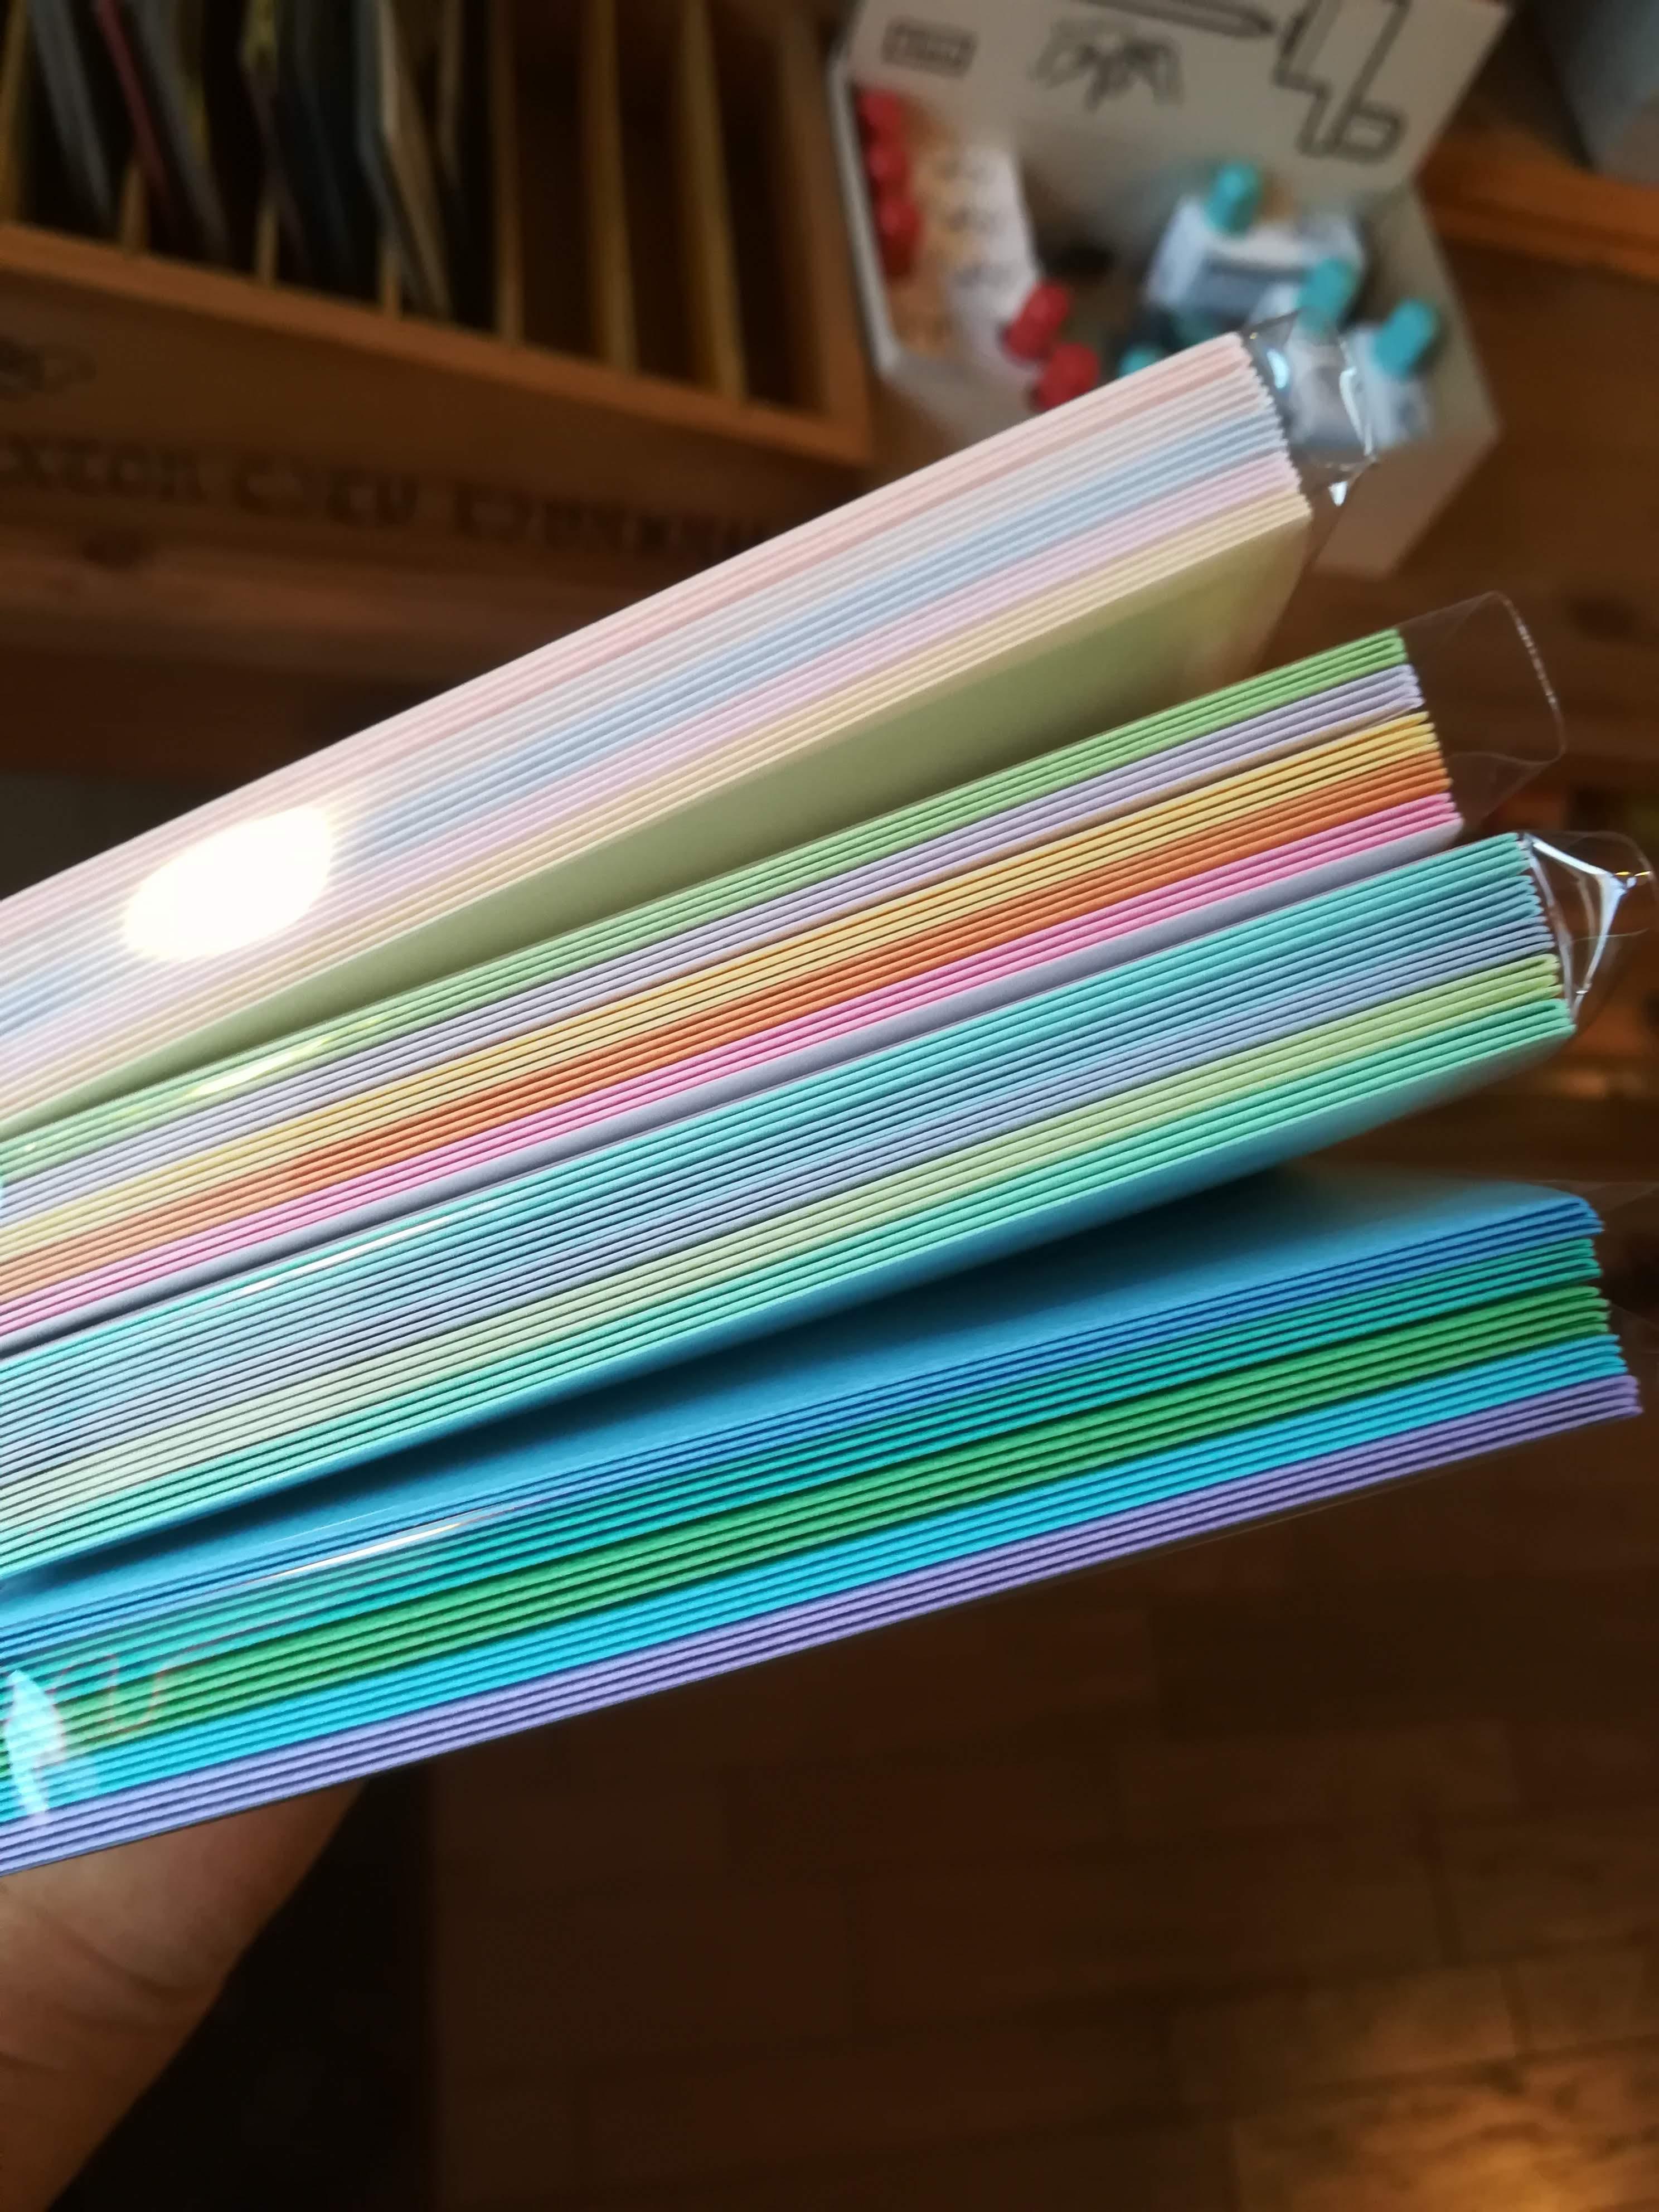 【タント封筒50枚入】色がたんとあって迷います^^